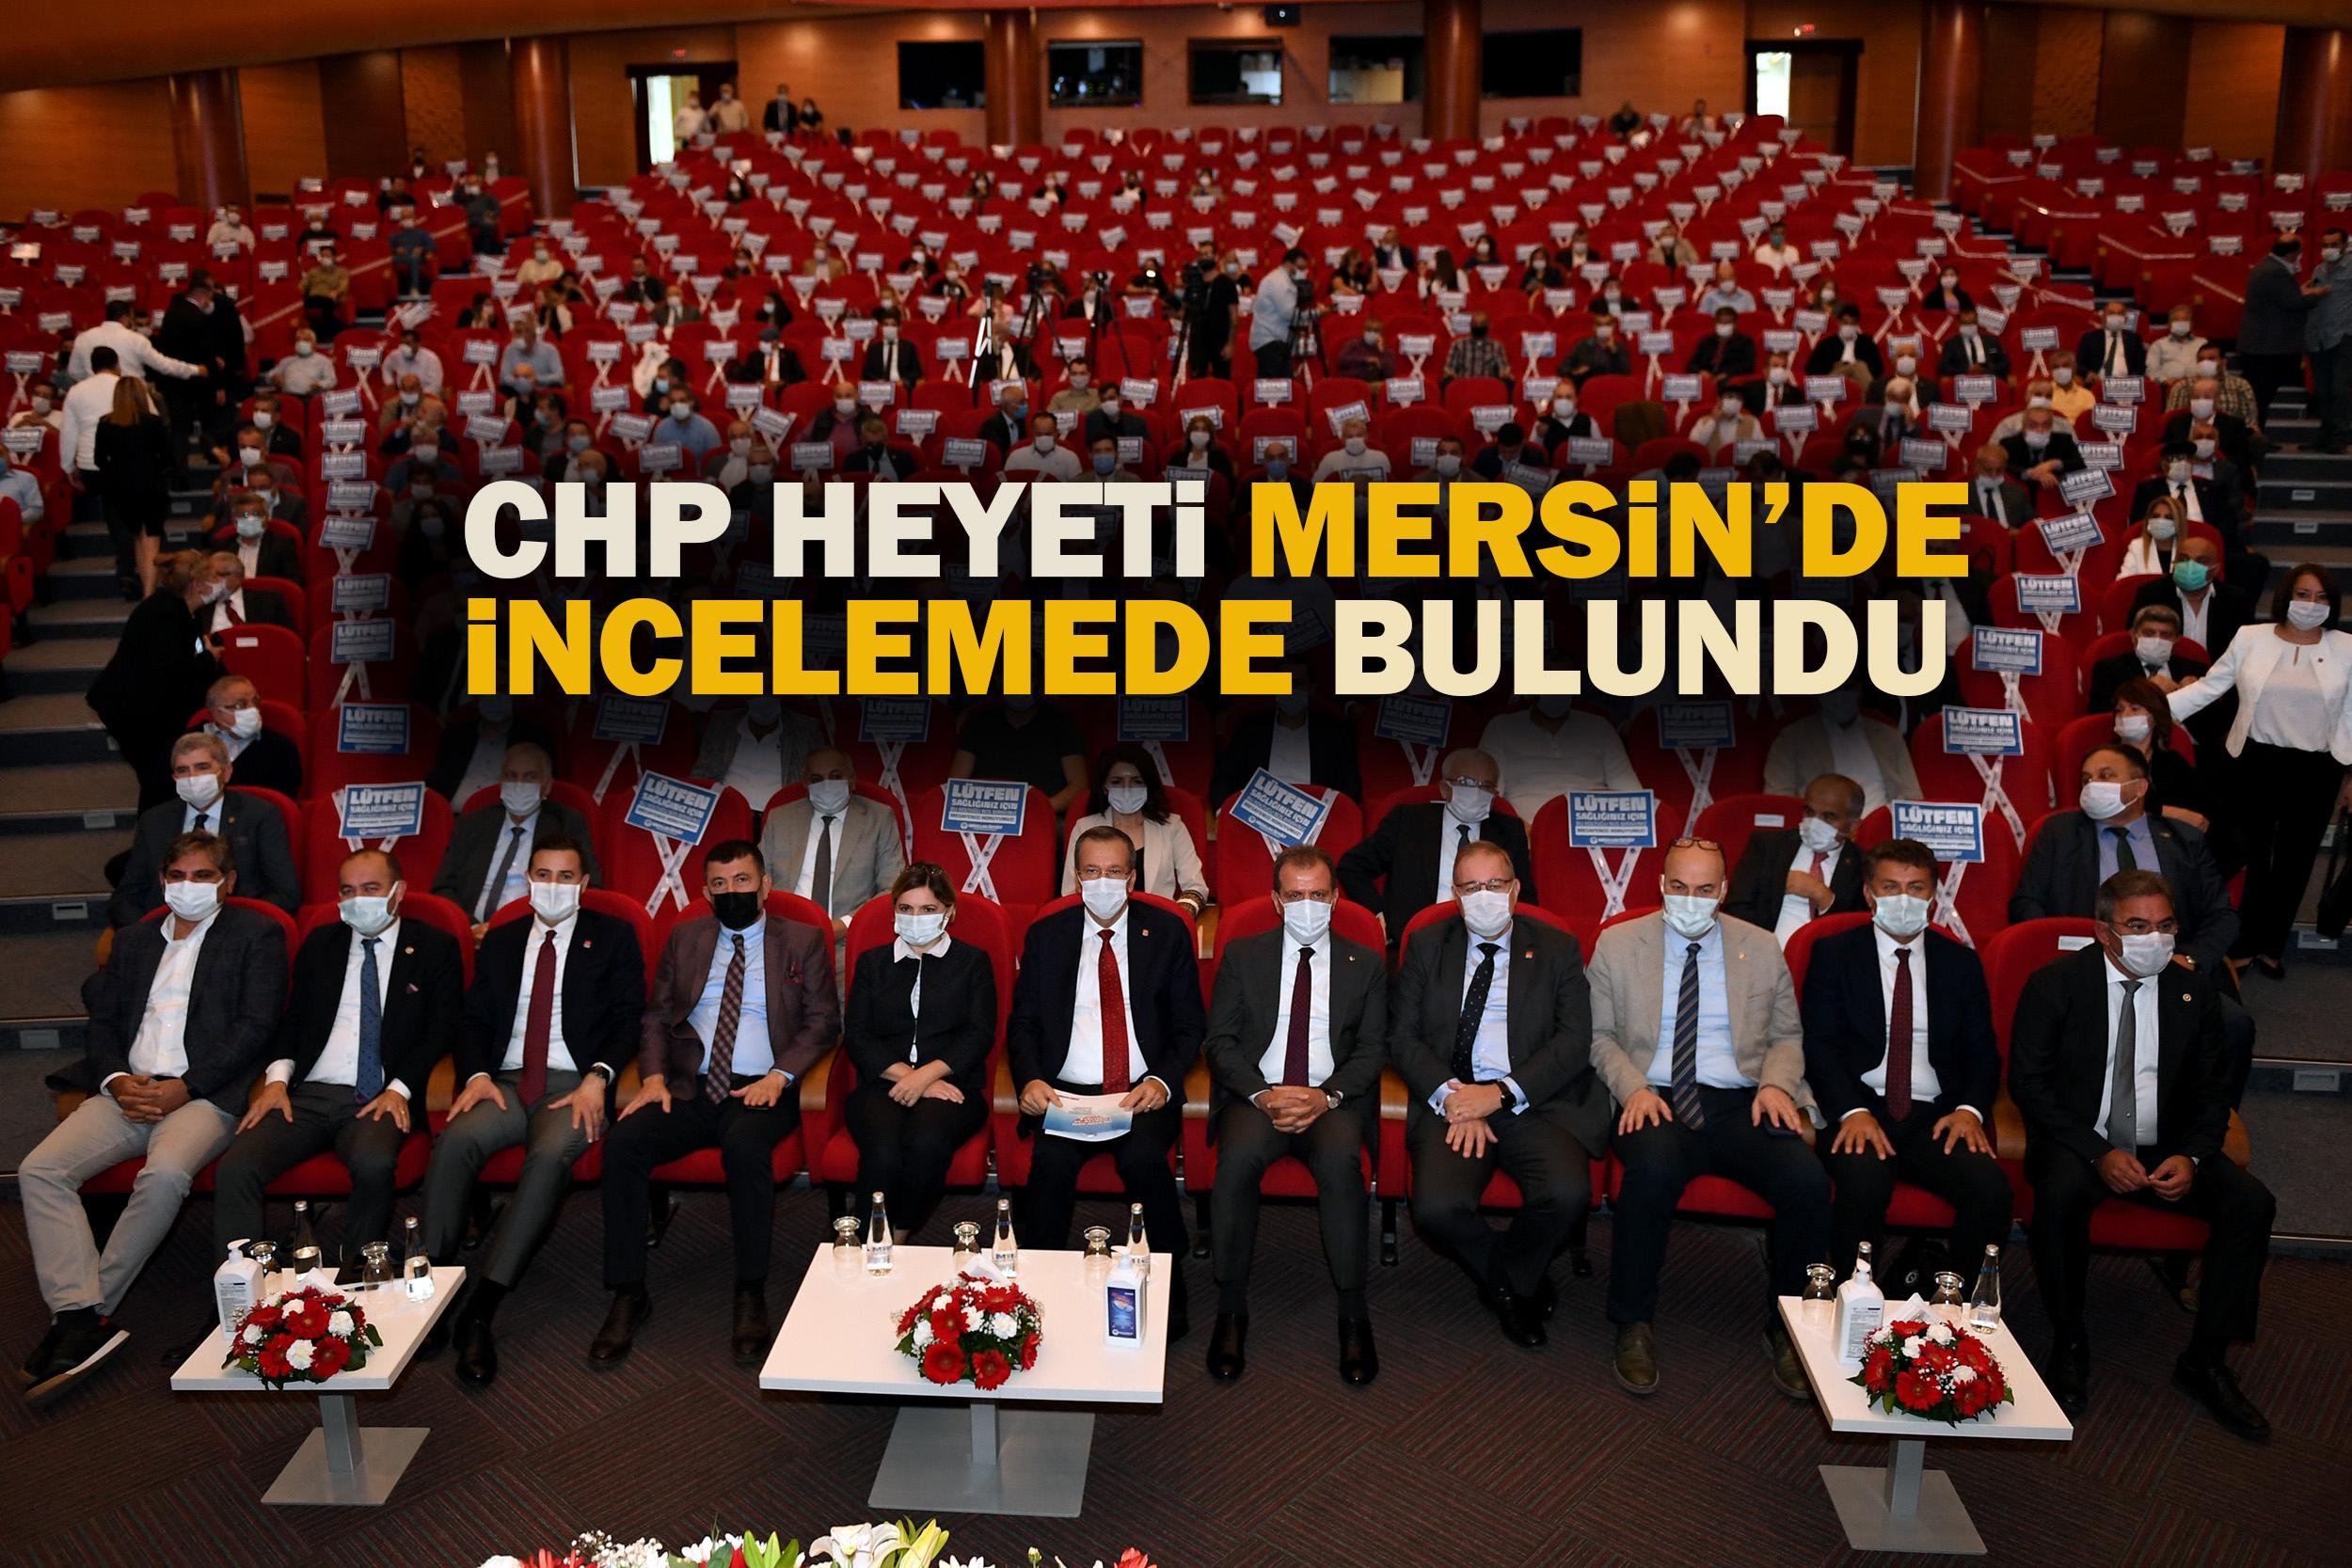 CHP HEYETİ MERSİN'E ÇIKARMA YAPTI